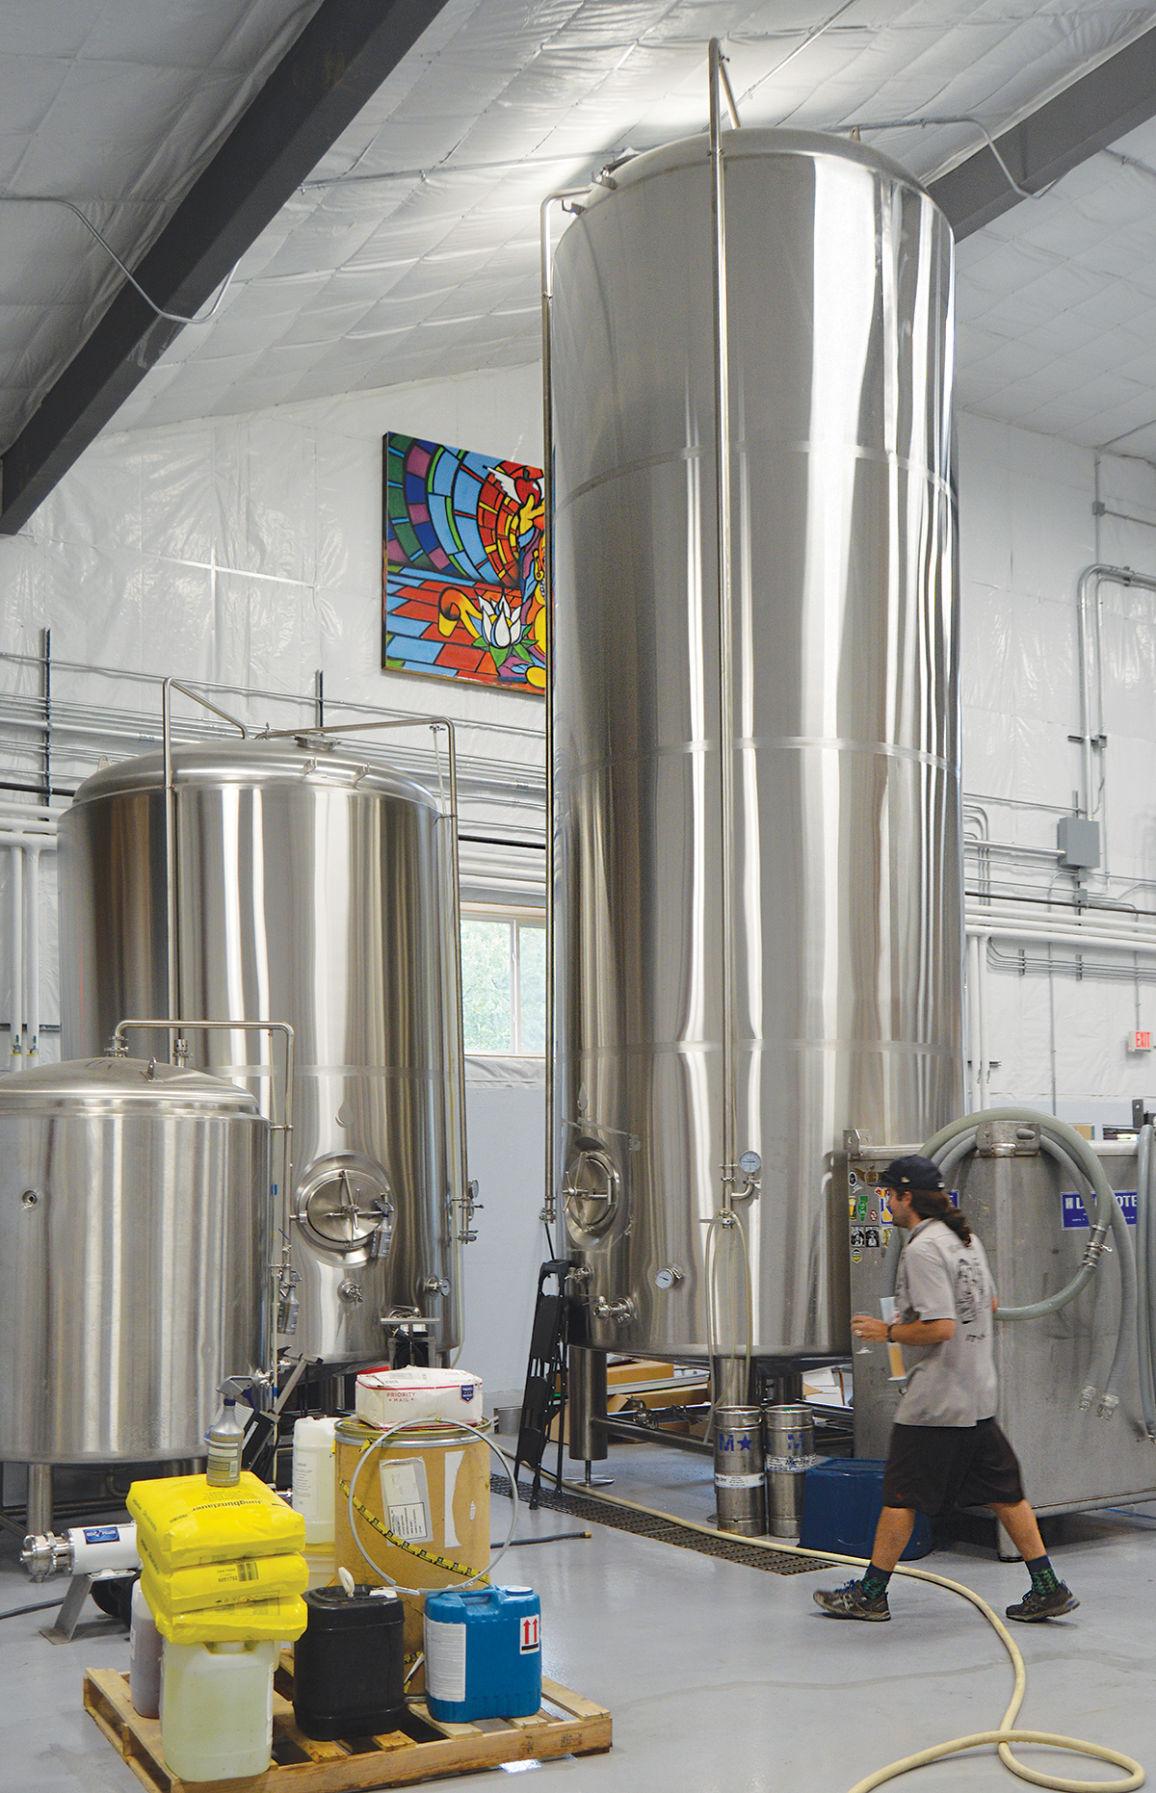 Stainless steel fermentation chamber